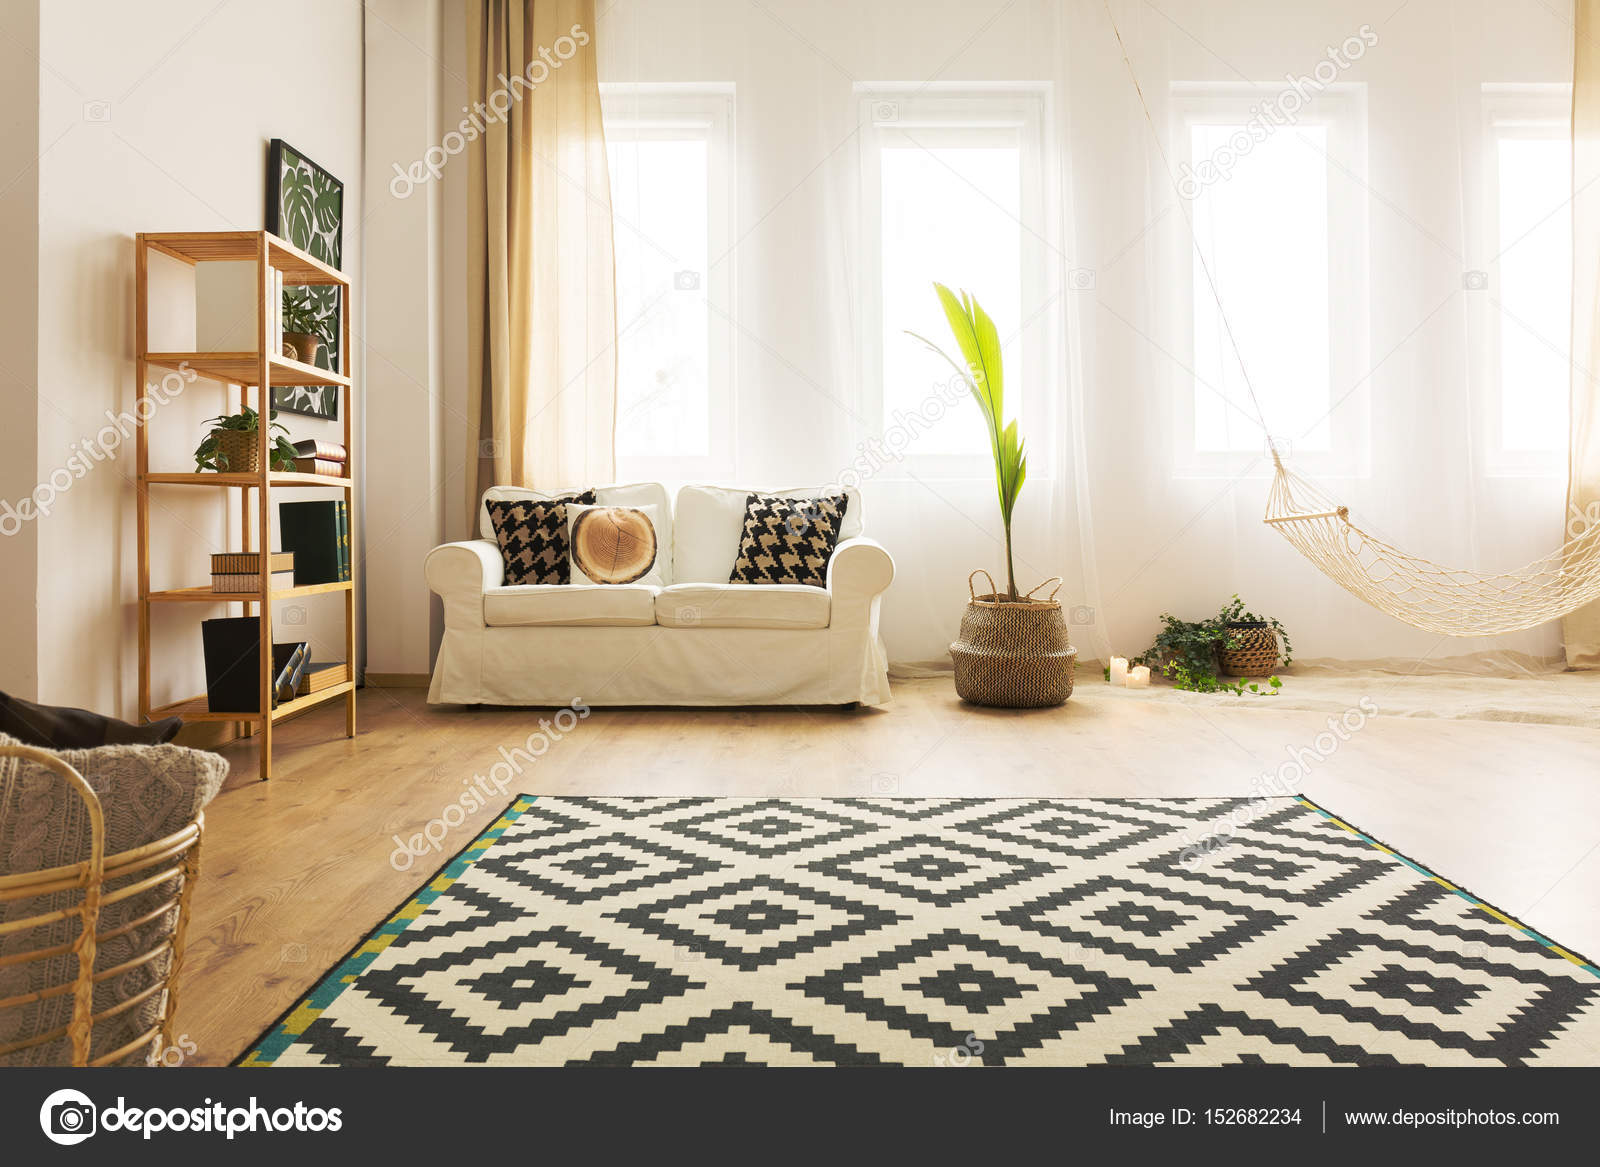 Beeindruckend Moderne Wohnlandschaft Galerie Von Mit Hängematte — Stockfoto